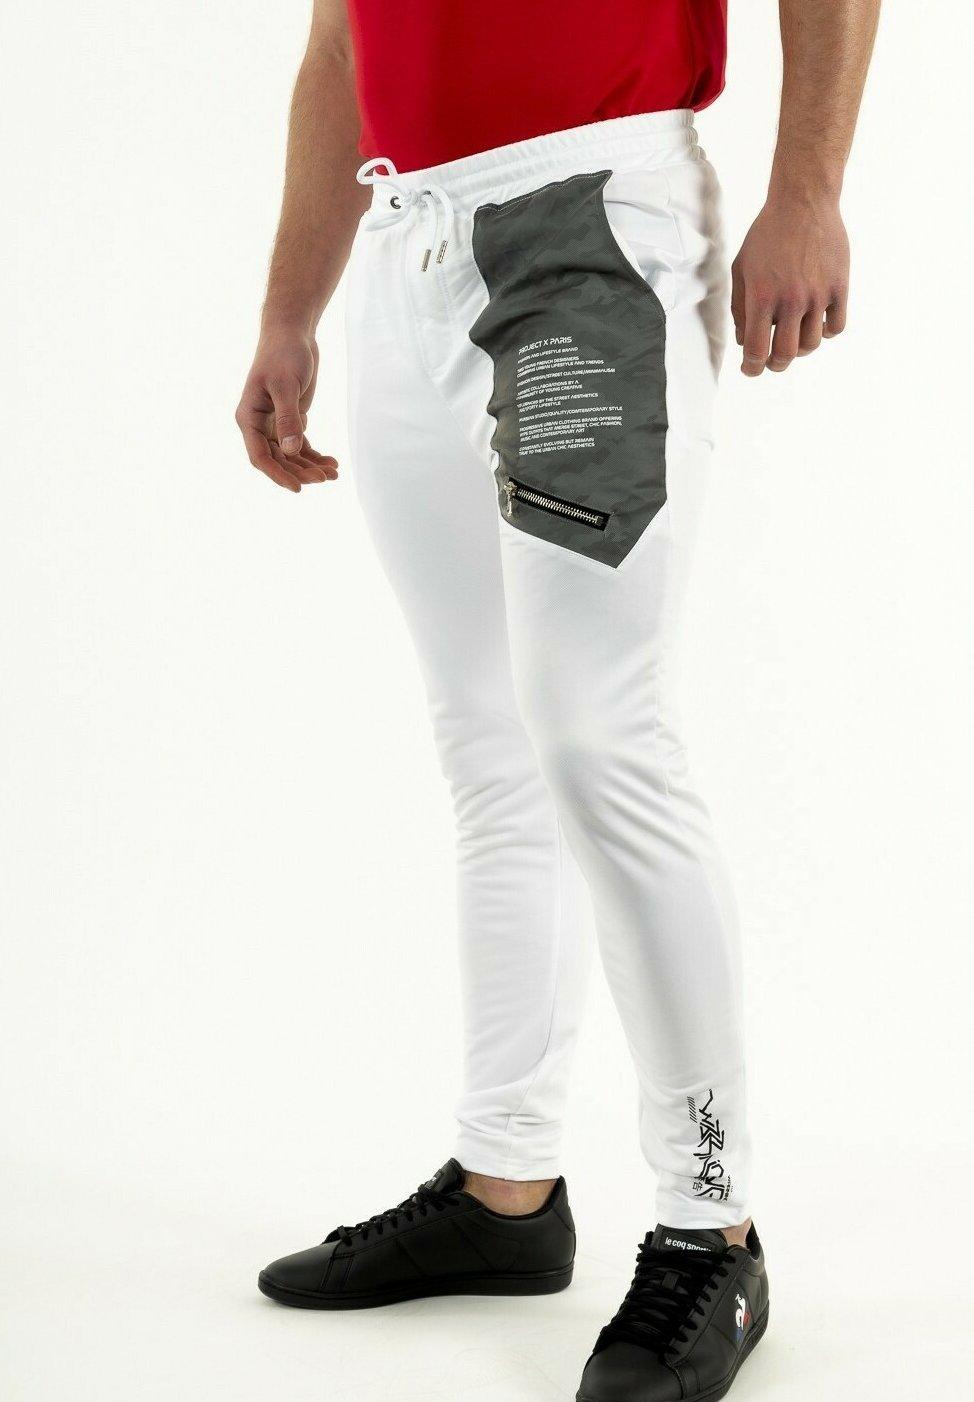 S Bas de Jogging octogones Homme Collection Capsule Gradur Project X Paris Blanc